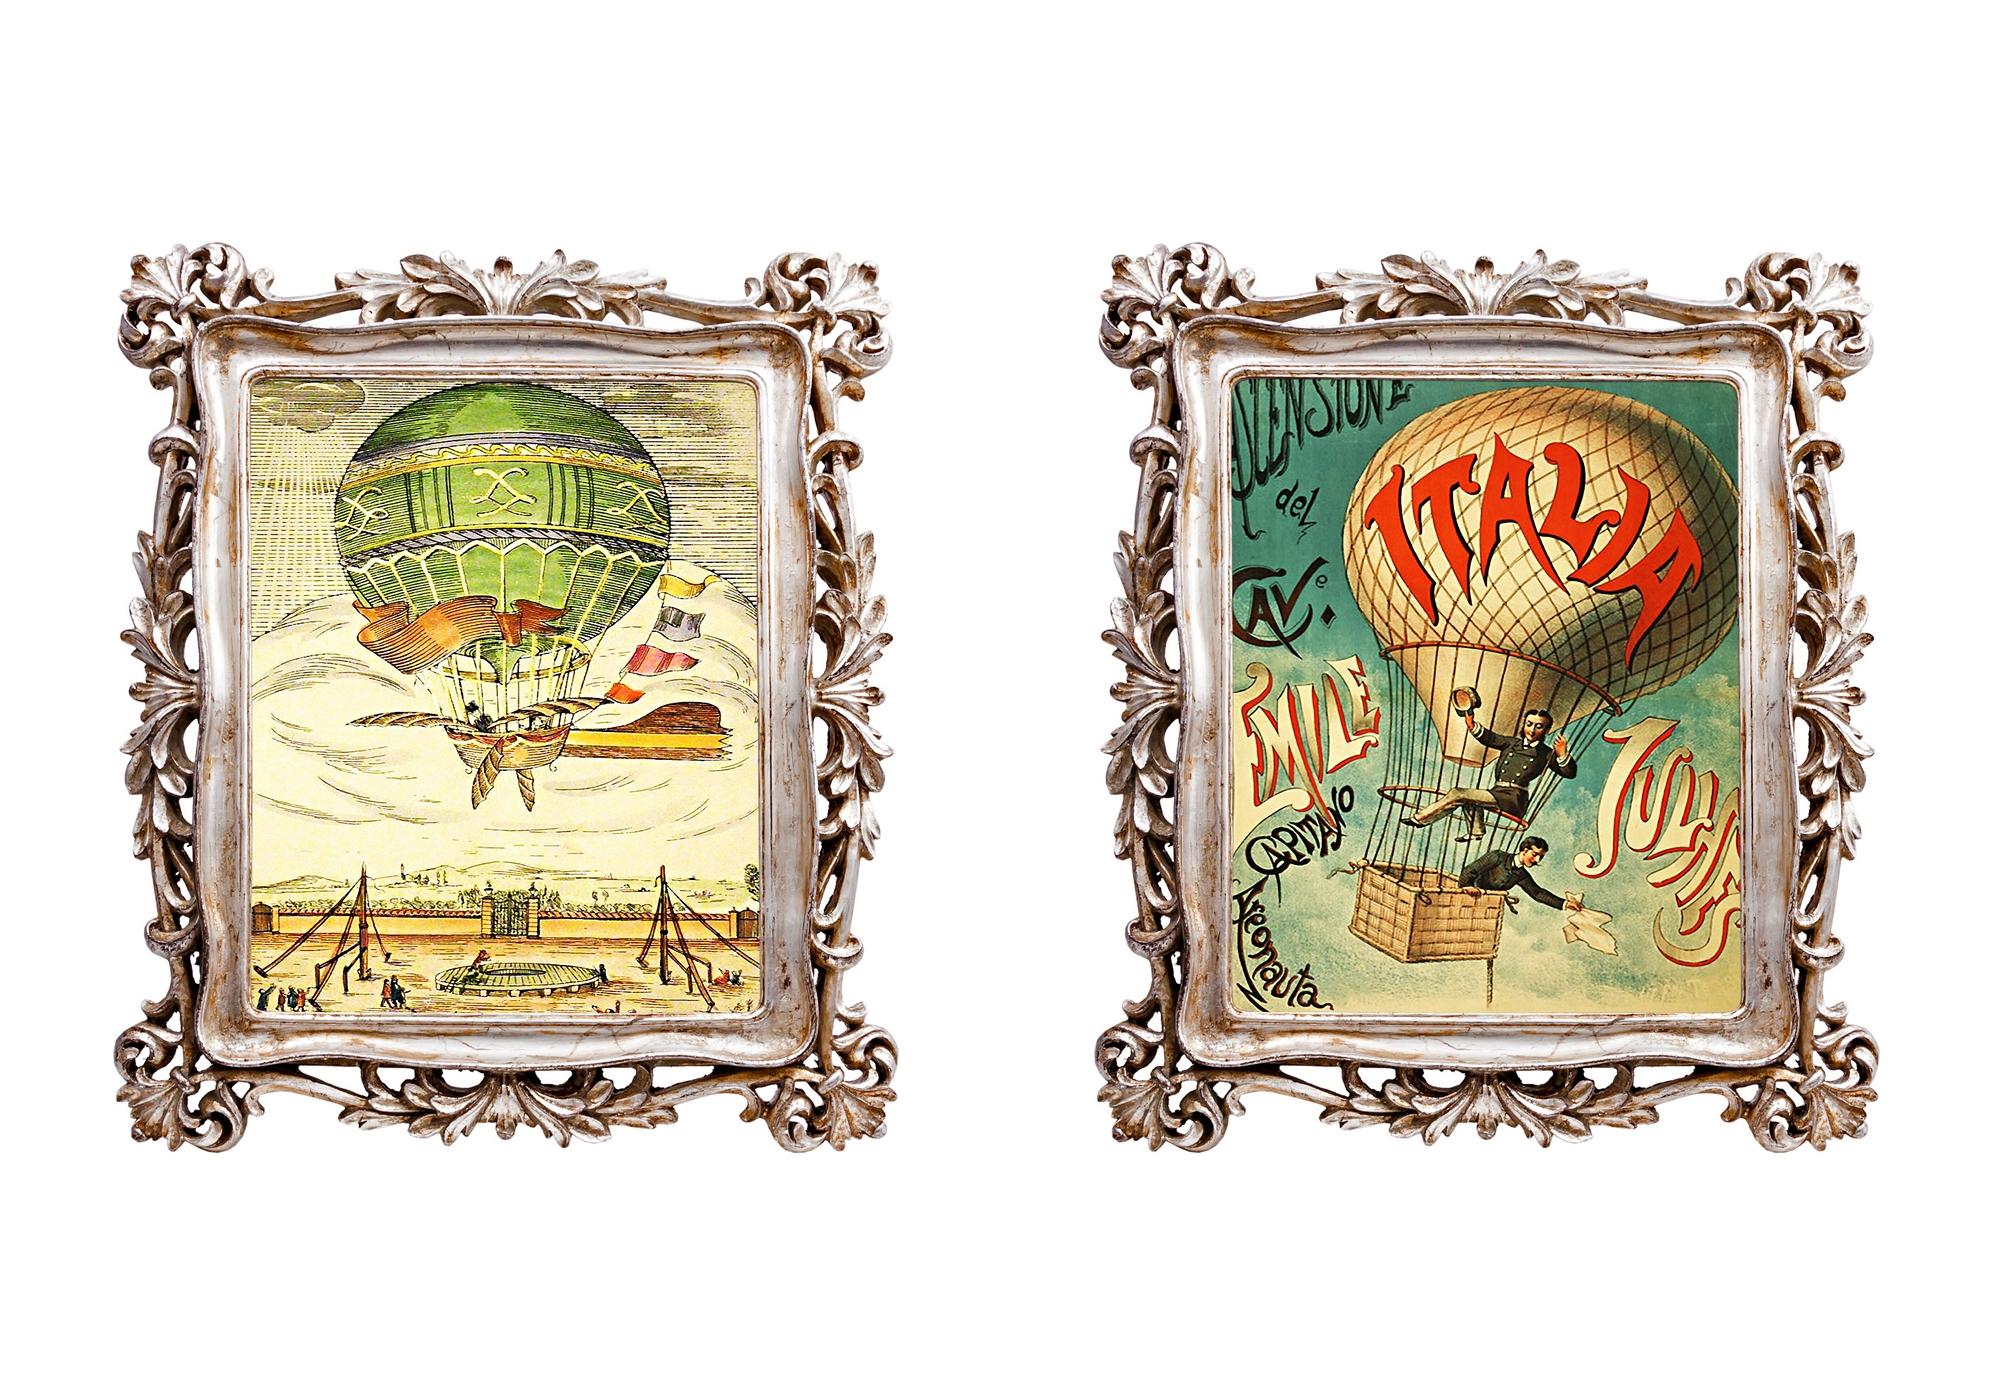 Набор из двух картин Арт-фантазия Монгольфьер версия 5Картины<br>Ворваться в невероятный сказочный мир, отправиться в увлекательное путешествие, окунуться в романтичную атмосферу... Всё это подвластно старинным картинам, вызывающим исключительно позитивные эмоции. Рама снабжена удобными просторными скобами для вертикального и горизонтального крепления на стену. <br>Оборотная сторона рамы обита бархатным полиэстером, - в любом ракурсе рама выглядит роскошно. <br>Рамы, выполненные из полистоуна, неприхотливы в уходе. Этот материал прочен, легок, стоек к влаге и солнечному свету.<br><br>Material: Полистоун<br>Ширина см: 29<br>Высота см: 34<br>Глубина см: 2